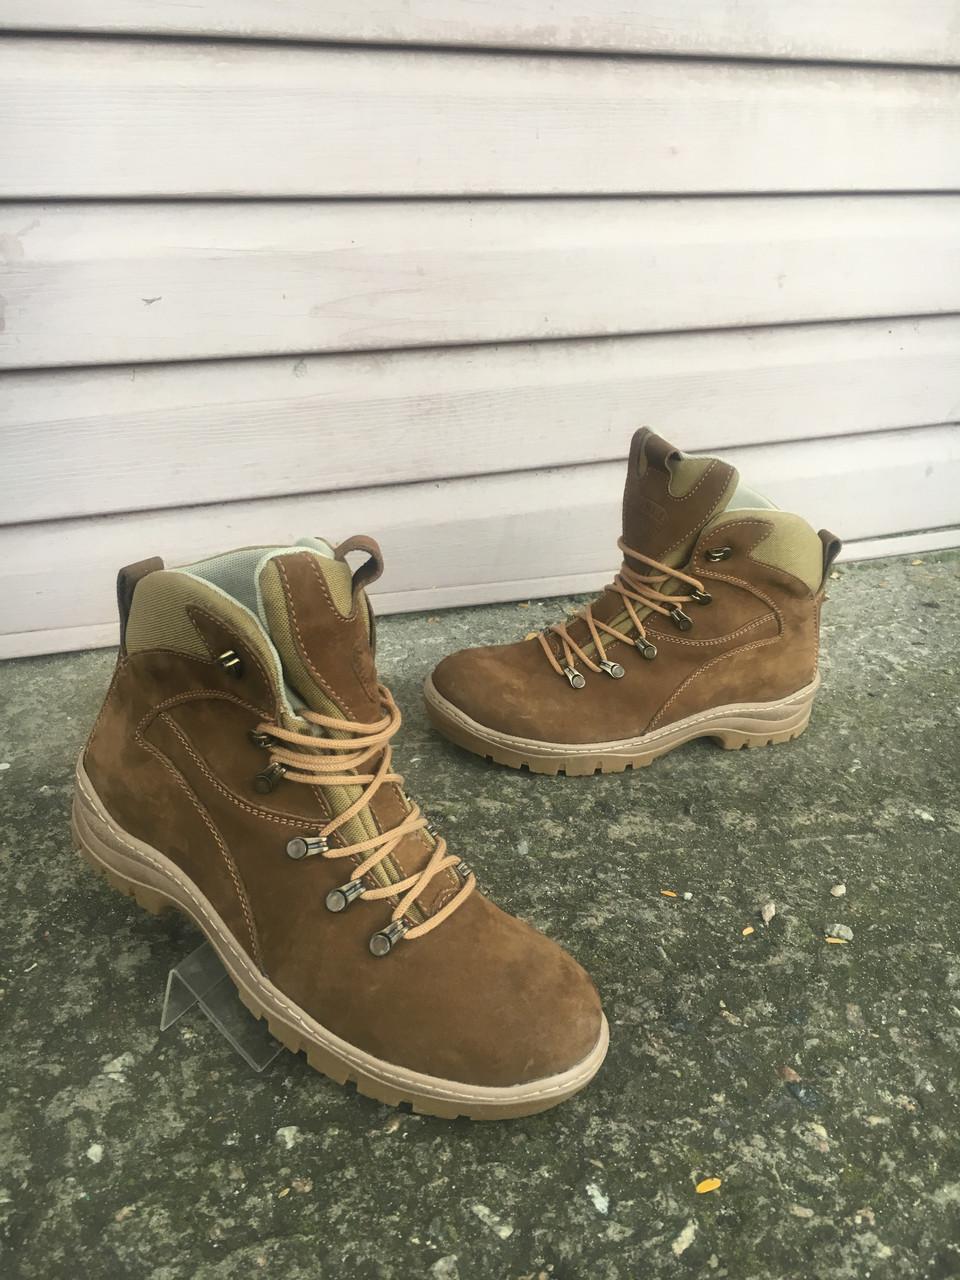 Ботинки зимние апачи нубук койот набивной  мех